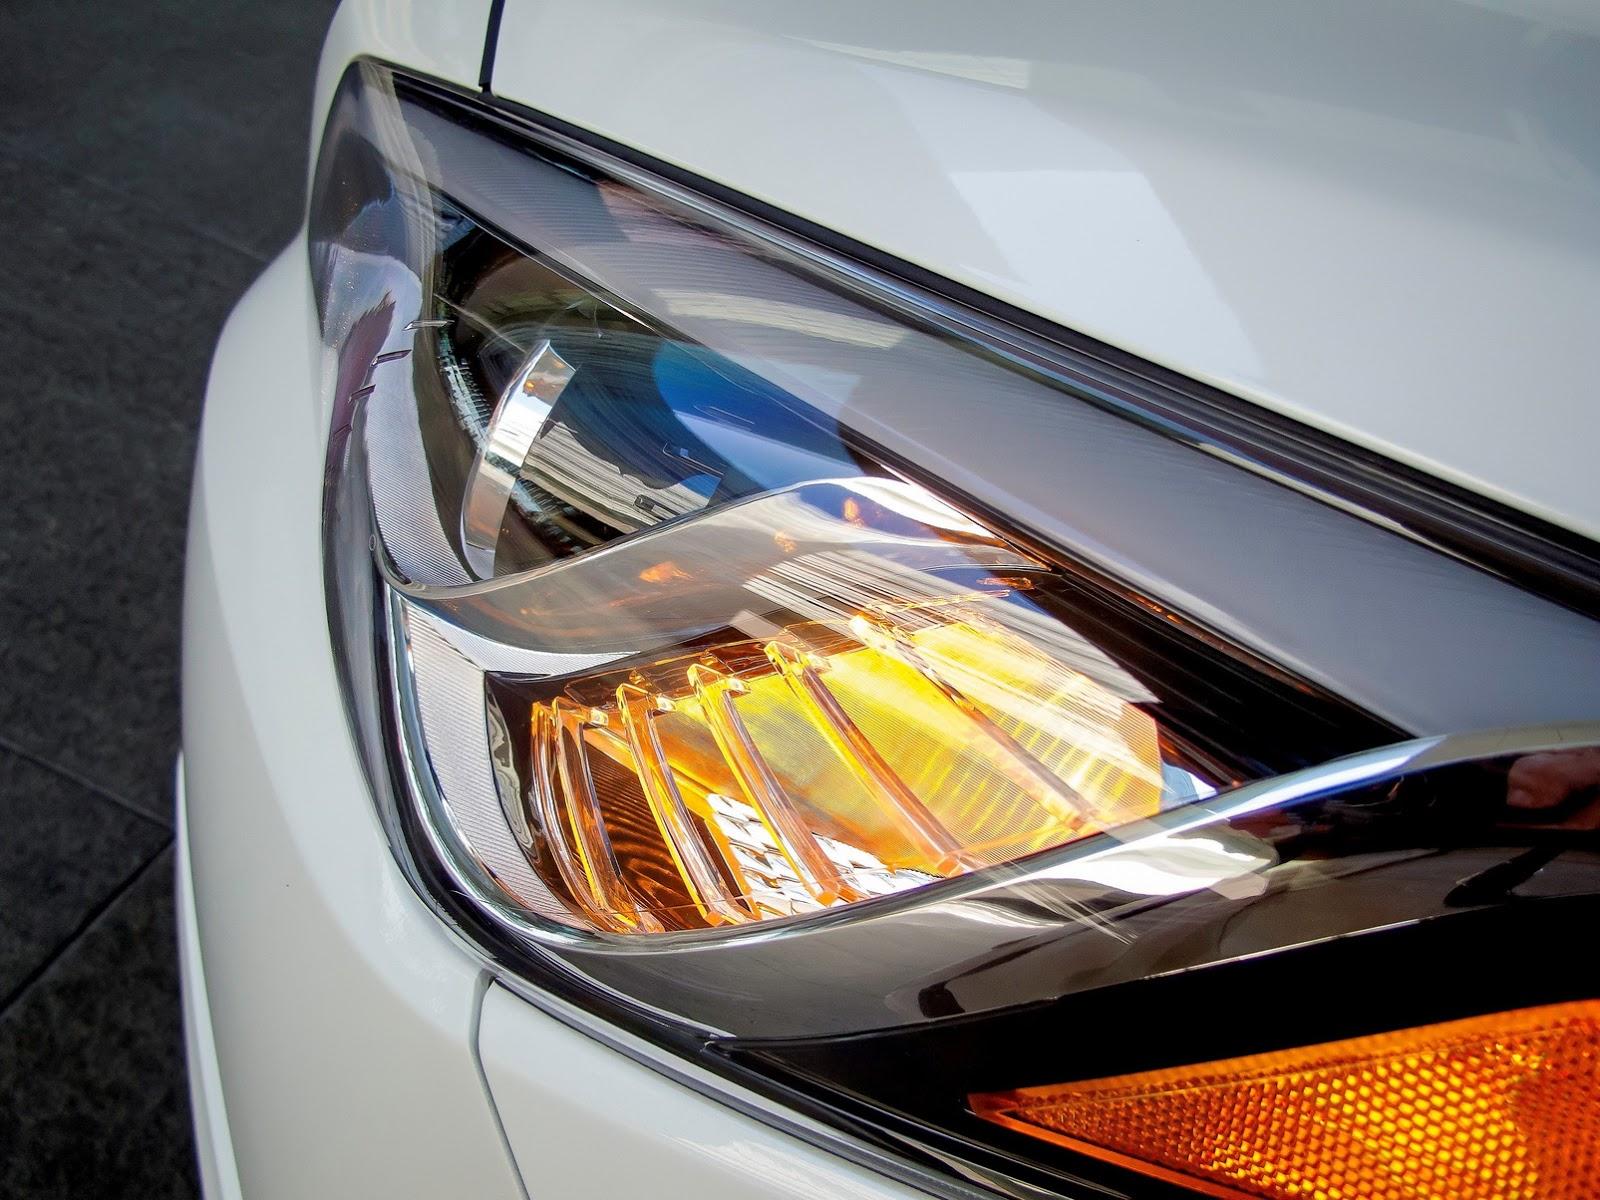 Ở phiên bản mới, Hyundai Sonata được trang bị 3 tùy chọn động cơ, nhiều công nghệ hiện đại hơn và đèn pha bẻ theo góc cua linh hoạt.